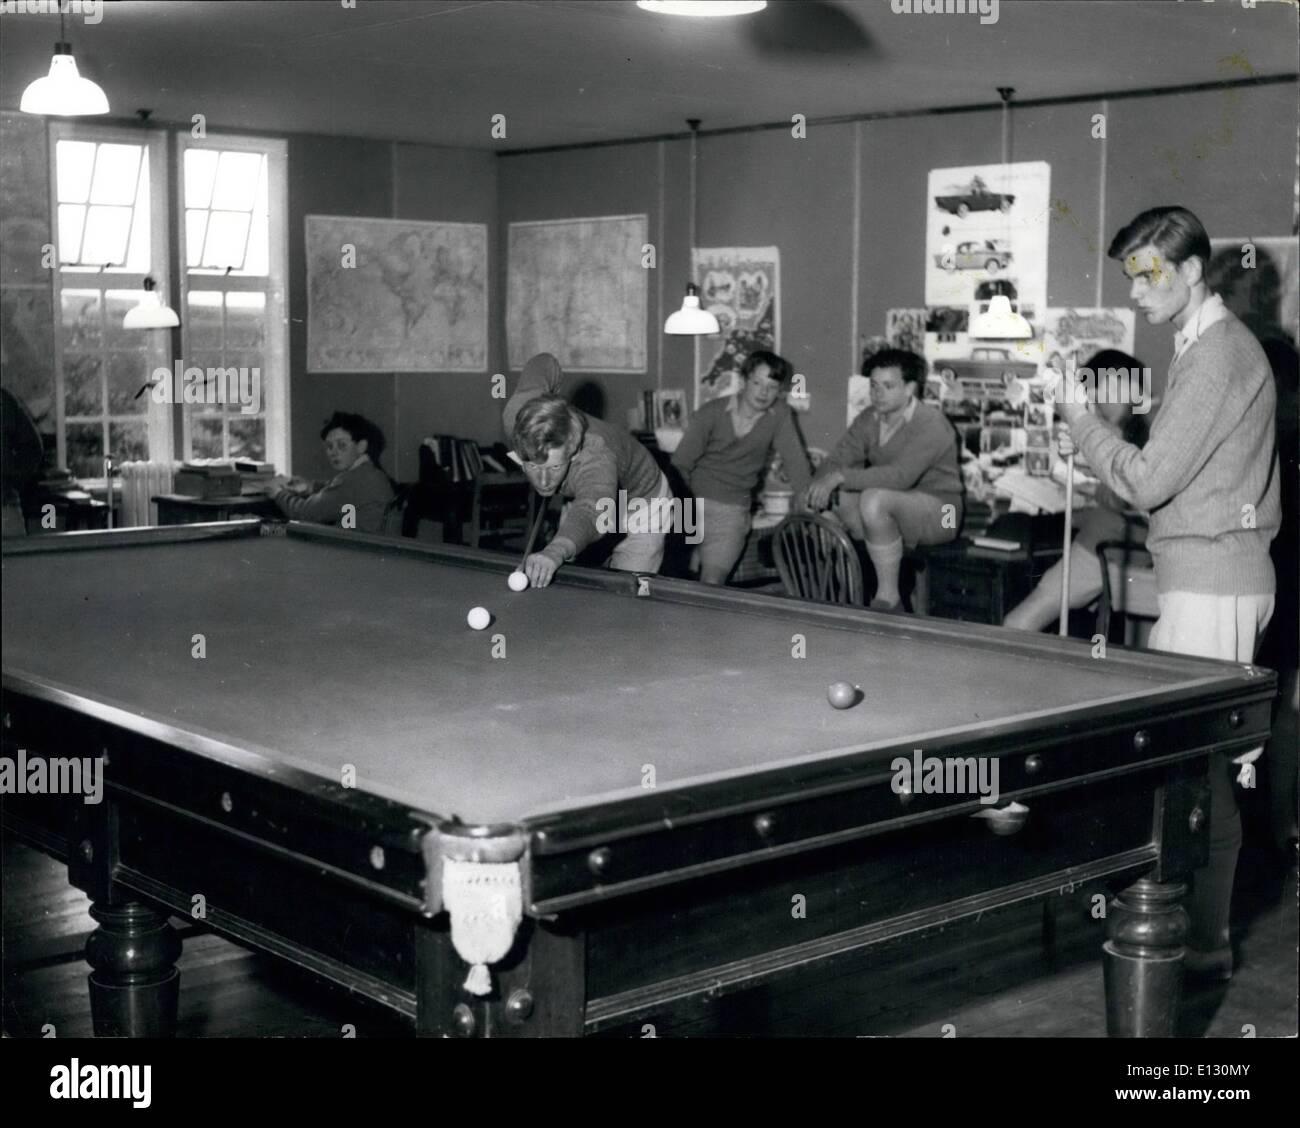 Le 26 février 2012 - Gordonstoun: dans la salle de loisirs de l'une des maisons, où le billard et d'autres jeux sont joués à l'extérieur de leur étude et les heures de travail. Photo Stock